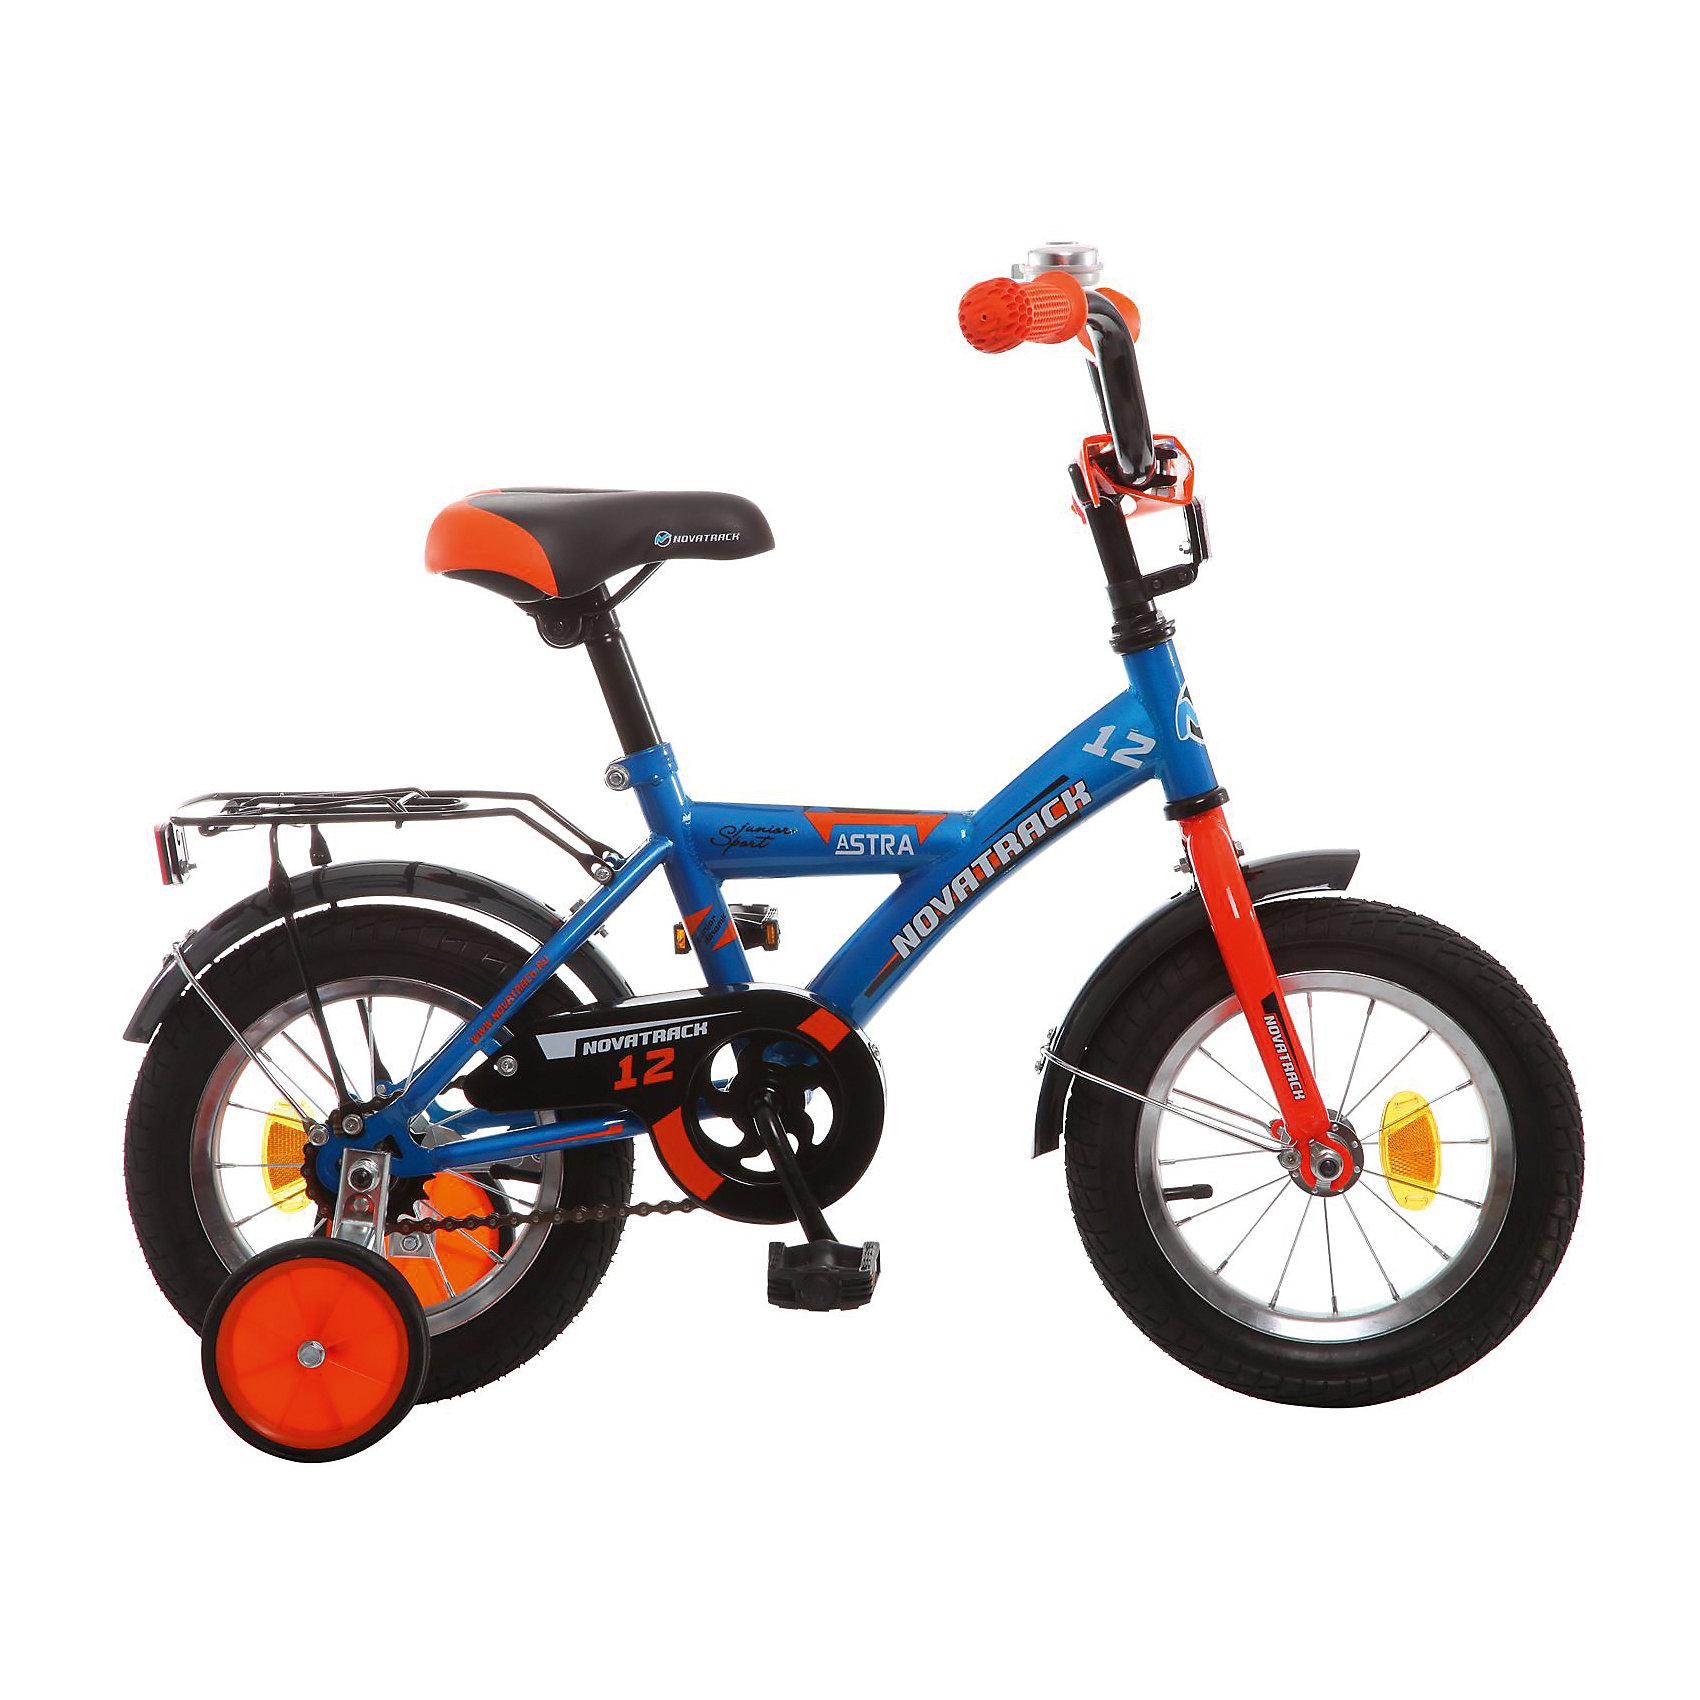 Велосипед ASTRA, синий, 12 дюймов, NovatrackВелосипеды детские<br>Характеристики товара:<br><br>• цвет: синий<br>• возраст: от 2 лет<br>• стальная рама<br>• мягкое регулируемое по высоте седло<br>• руль регулируется по высоте<br>• ограничитель поворота руля<br>• диаметр колес: 12 дюймов<br>• ножной задний тормоз<br>• два маленьких съемных колеса<br>• защита цепи не позволит одежде попасть в механизм<br>• крылья защитят от грязи и брызг<br>• мягкие накладки на руле<br>• звонок<br>• багажник<br>• вес: 8,3 кг<br><br>Одного взгляда хватит, чтобы раз и навсегда влюбиться в свой новенький двухколесный велосипед ASTRA Novatrack. Данная модель маневренна и легко управляется, поэтому ребенку будет несложно и интересно учиться езде.<br><br>Велосипед ASTRA, синий, 12 дюймов, Novatrack можно купить в нашем интернет-магазине.<br><br>Ширина мм: 810<br>Глубина мм: 185<br>Высота мм: 410<br>Вес г: 95000<br>Возраст от месяцев: 36<br>Возраст до месяцев: 60<br>Пол: Унисекс<br>Возраст: Детский<br>SKU: 5613209